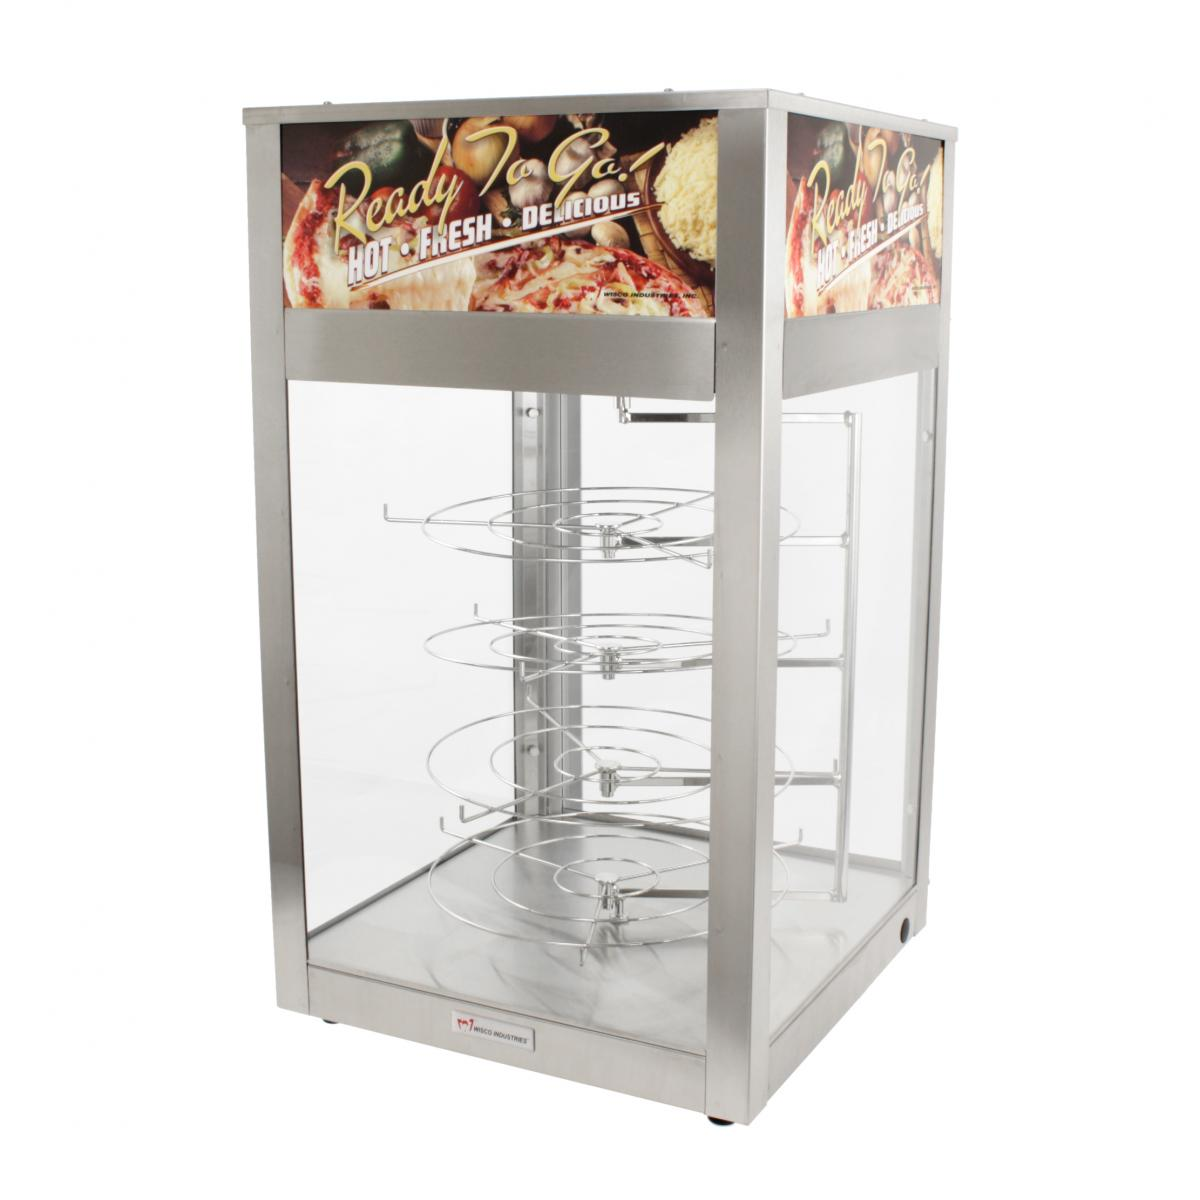 Wisco 695D Single Door Pizza Merchandiser/Warmer with Rotating Shelves  sc 1 st  FoodPros & Wisco 695D Single Door Pizza Merchandiser/Warmer | FoodPros